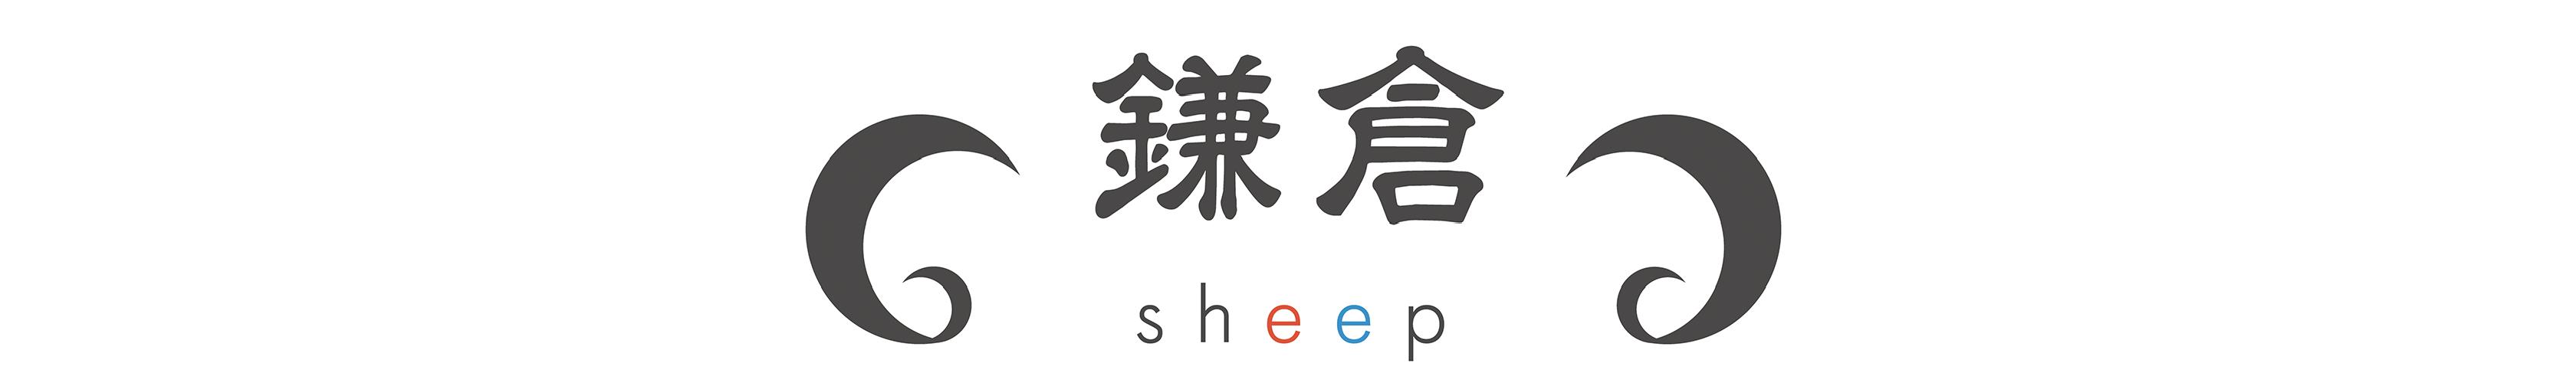 鎌倉sheep|フェルトバッグ・着物バッグ